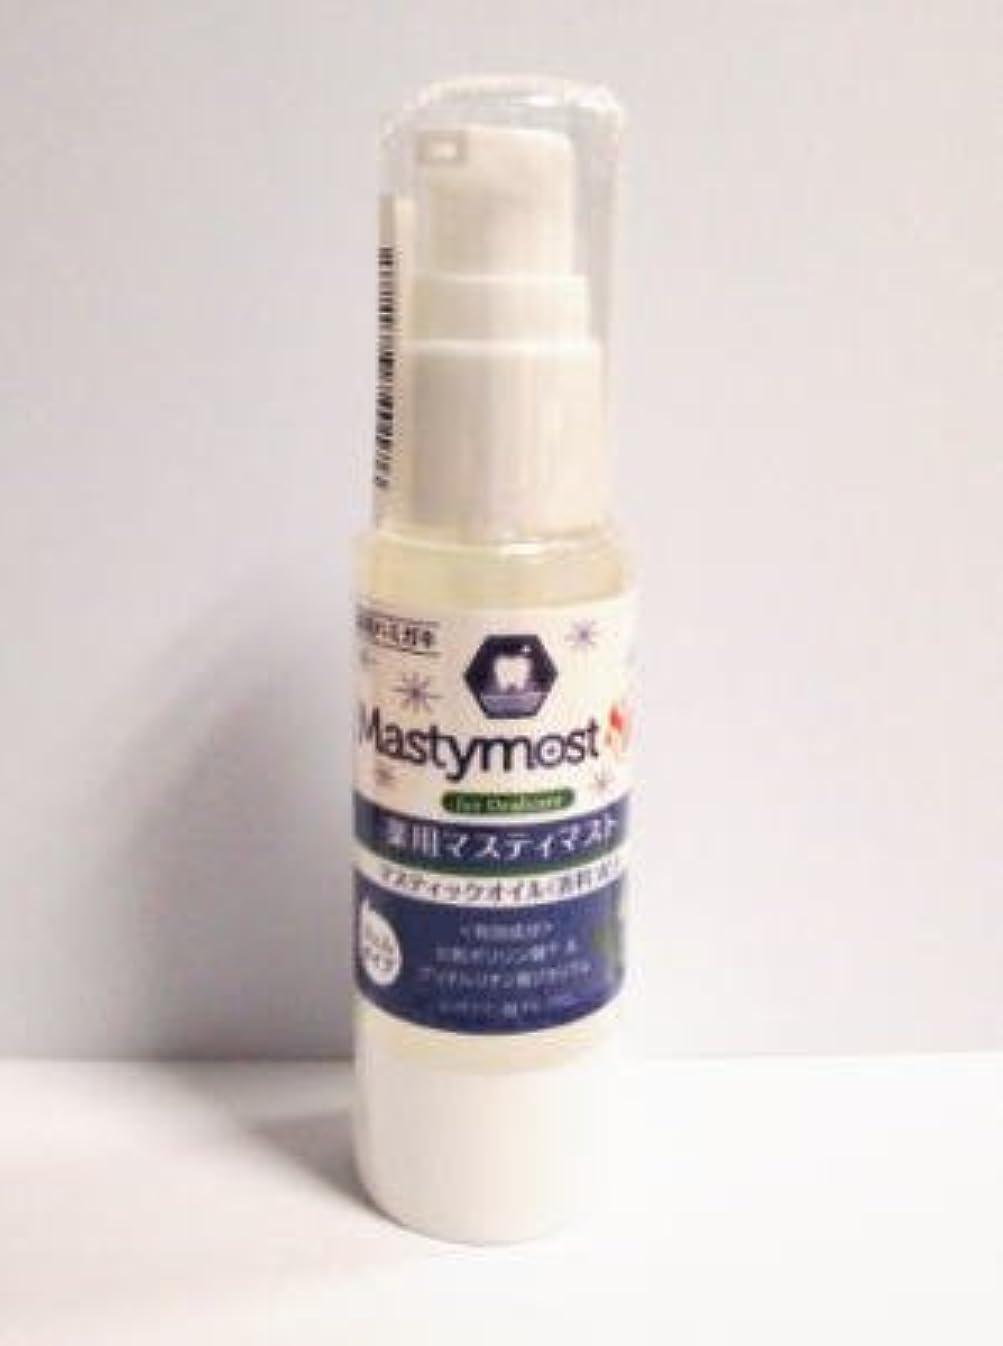 検証性別見つけた薬用ハミガキ 薬用マスティマストSP ジェルタイプ 30g×2個セット